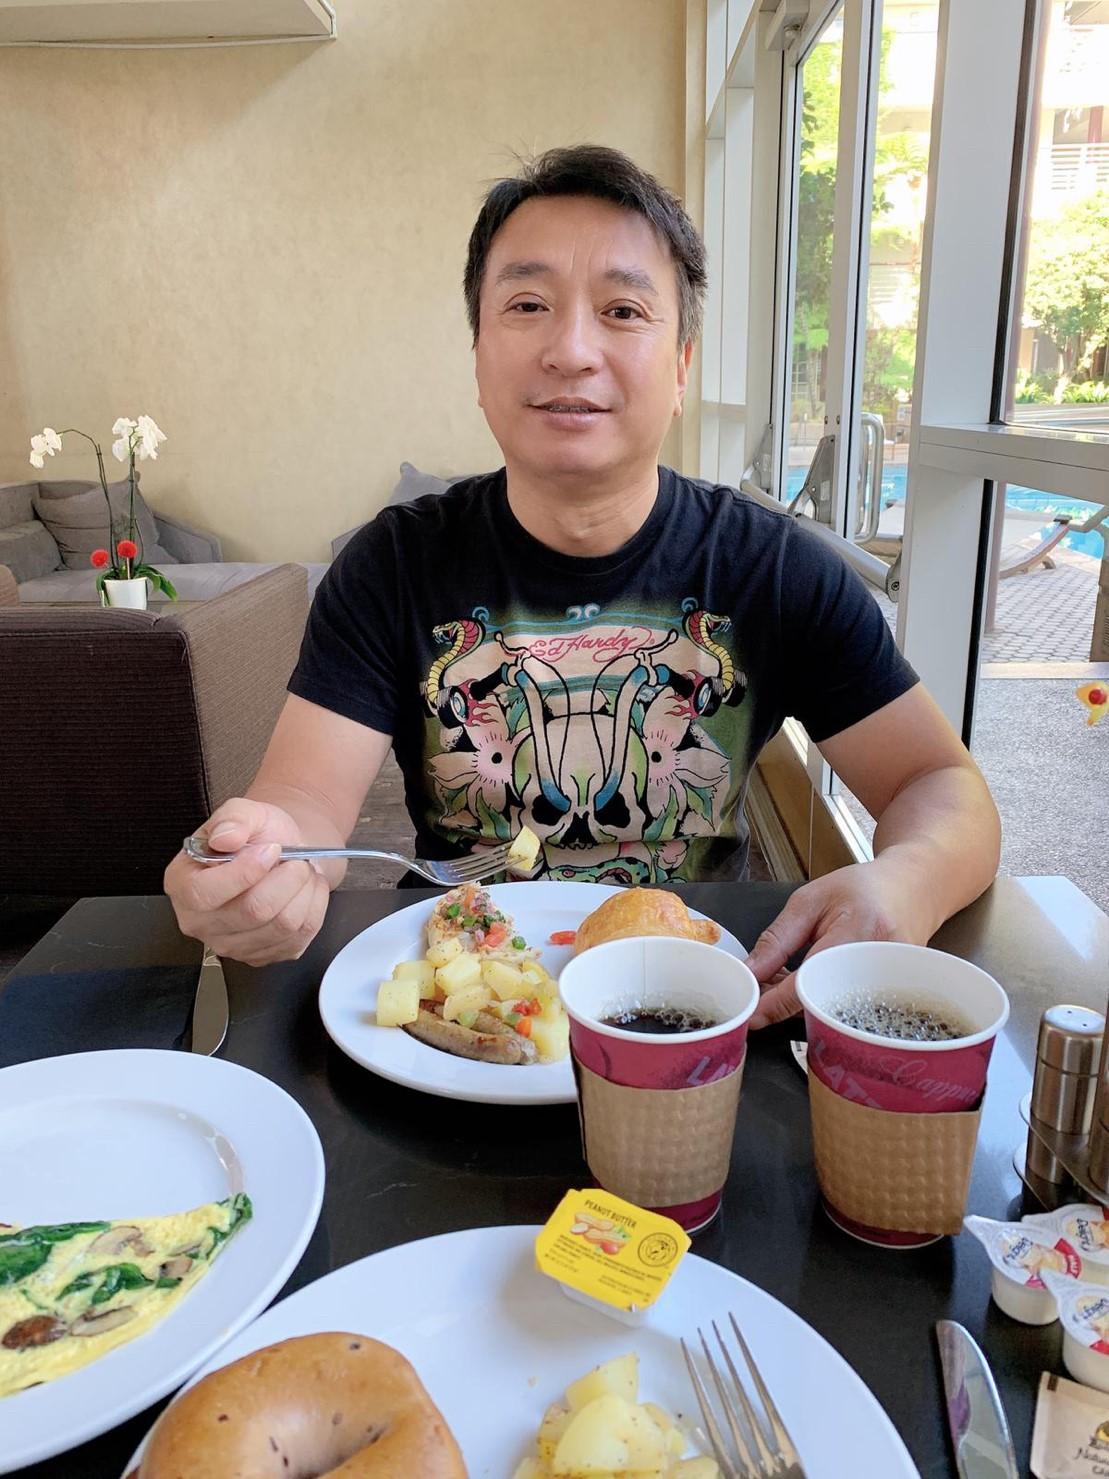 ▲王中平最後對於西式早餐有點不適應,余皓然只好陪著他出去外面找其他食物。